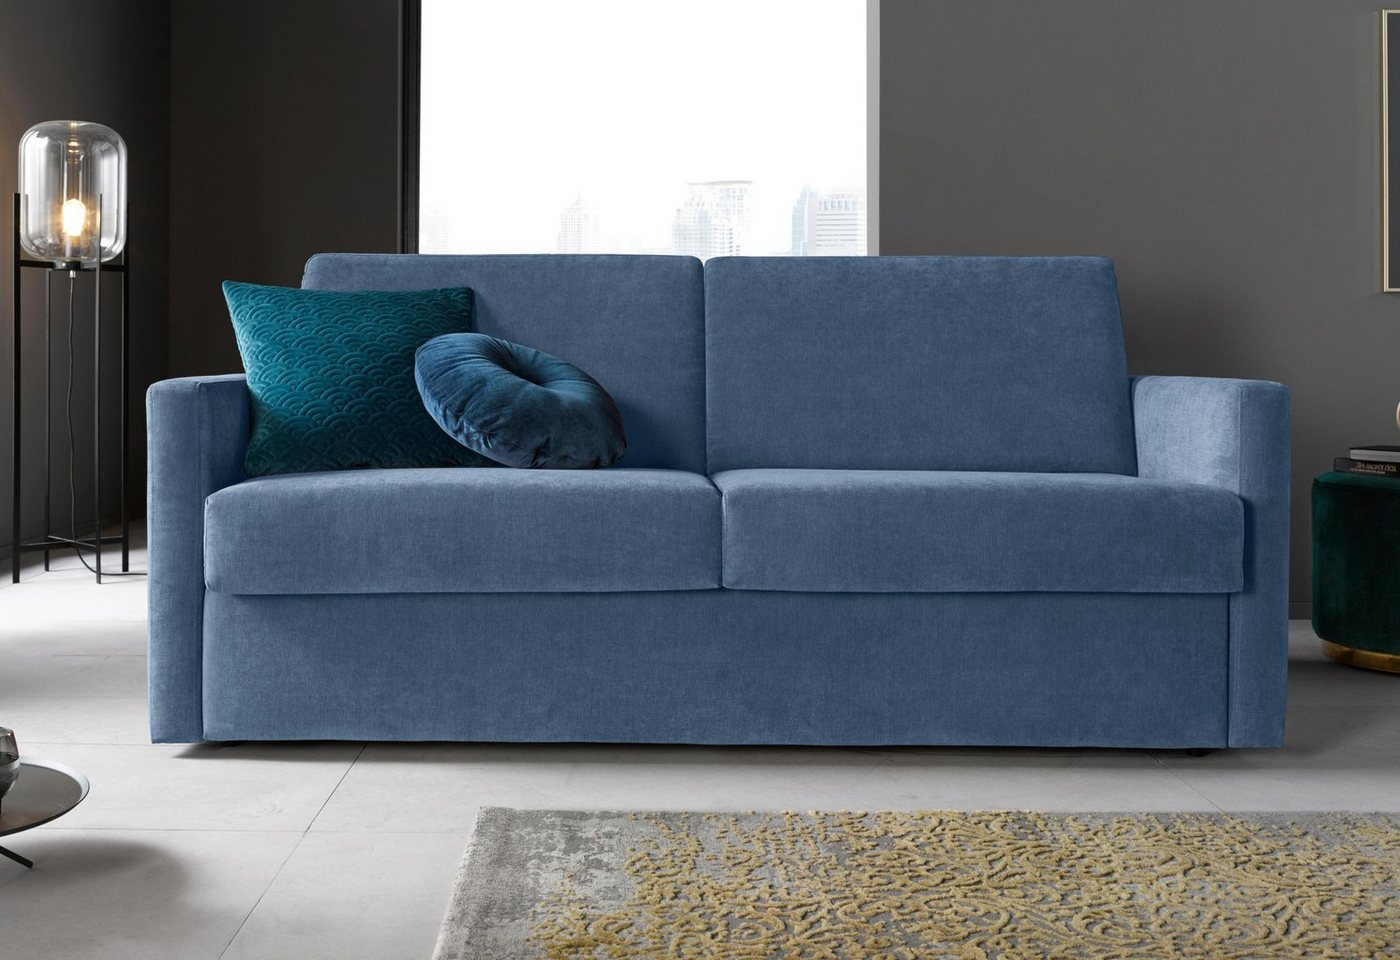 Full Size of Places Of Style Schlafsofas Online Kaufen Mbel Suchmaschine Bett Ausklappbar Ausklappbares Wohnzimmer Couch Ausklappbar